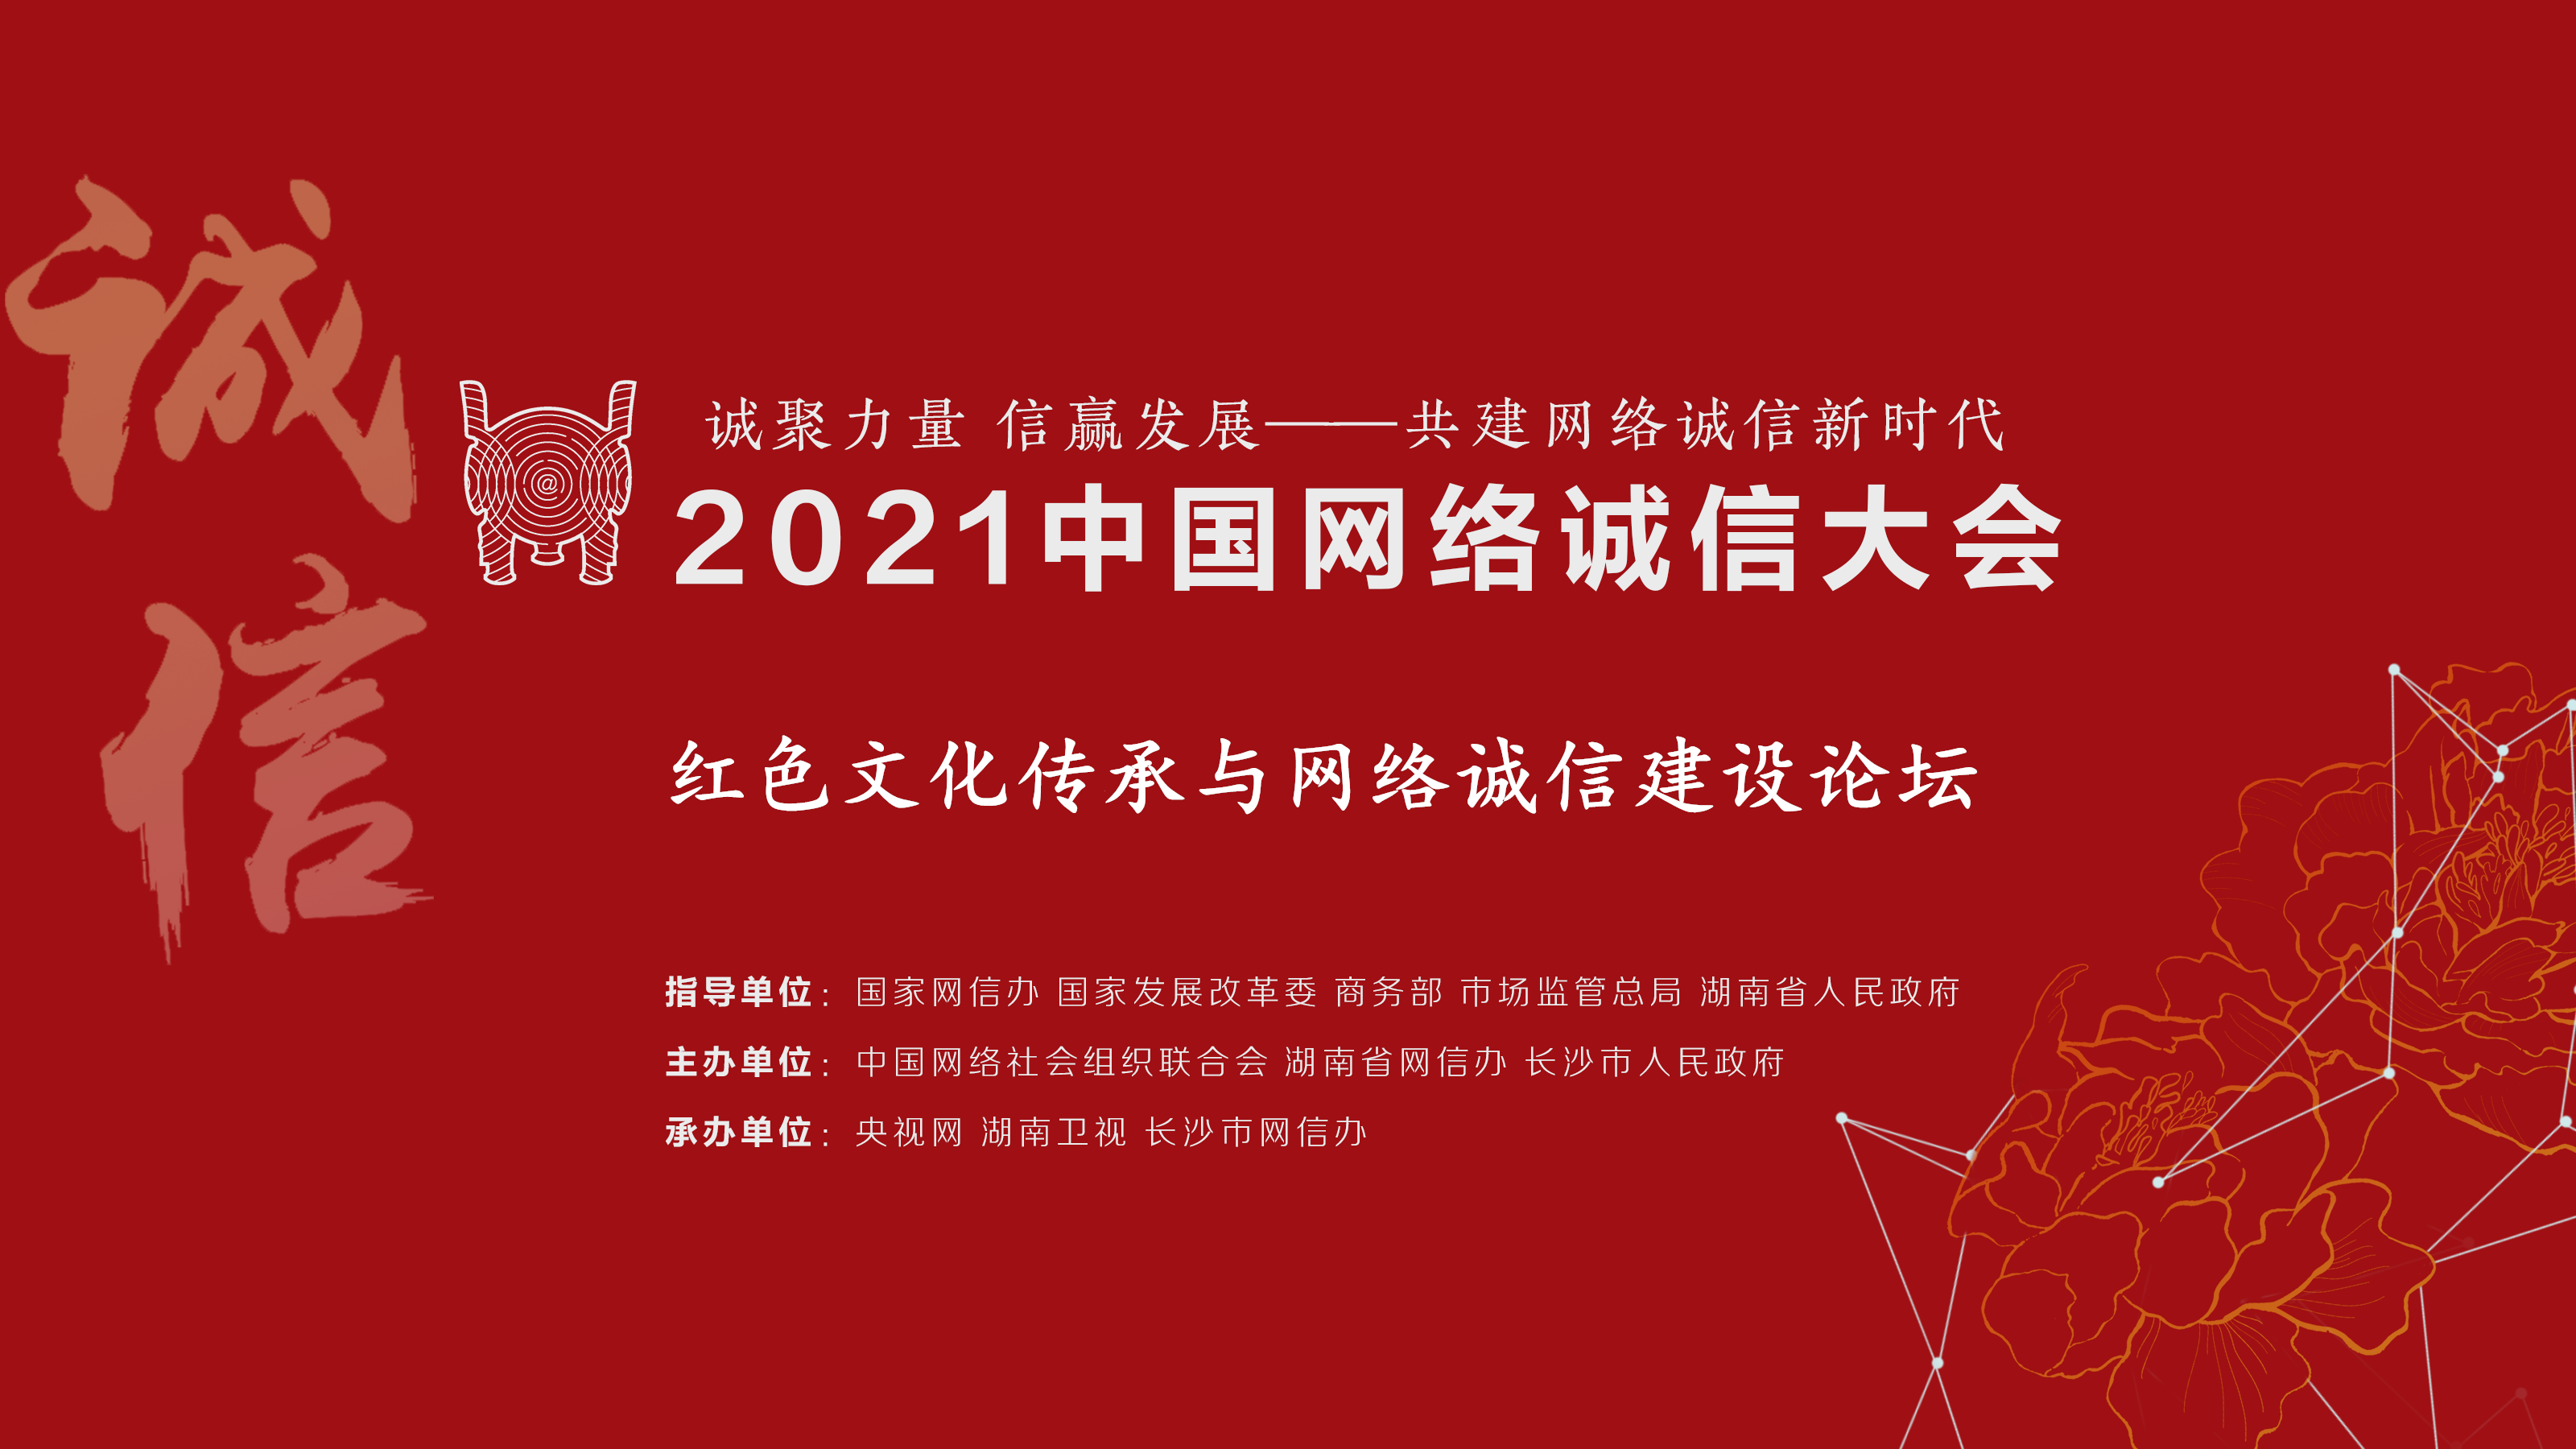 直播回顾>>2021中国网络诚信大会红色文化传承与网络诚信建设分论坛